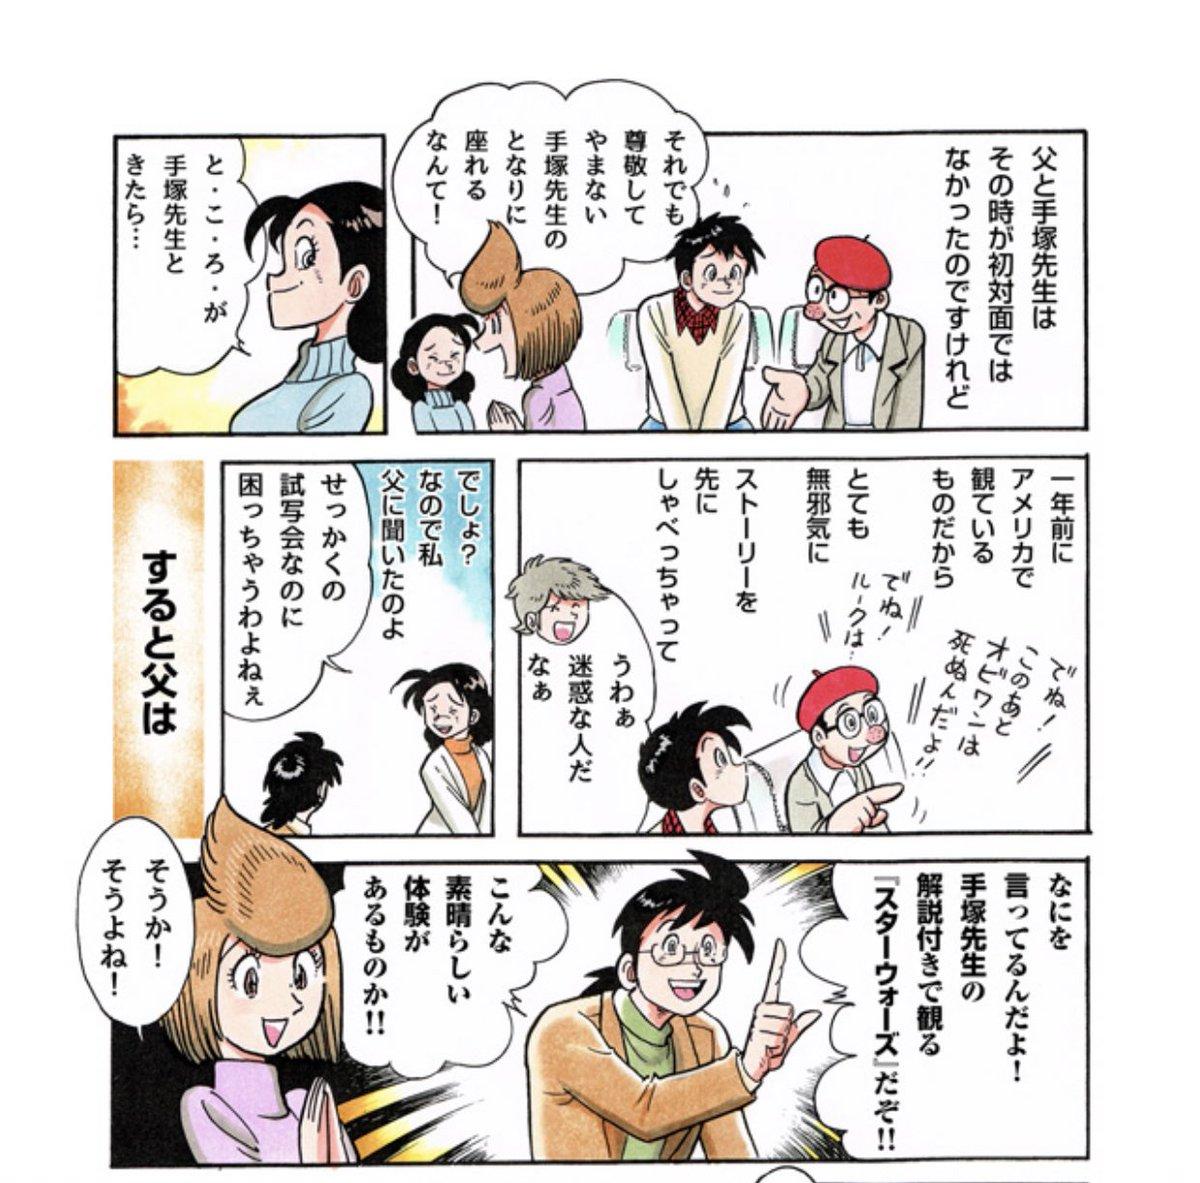 矢口高雄さんといえば「ペンと箸」で紹介された手塚先生にスターウォーズの話全部ネタバレされたのに「手塚先生の解説付きで観るスターウォーズだぞ!」と語られたくだり最高に好きですご冥福をお祈りします